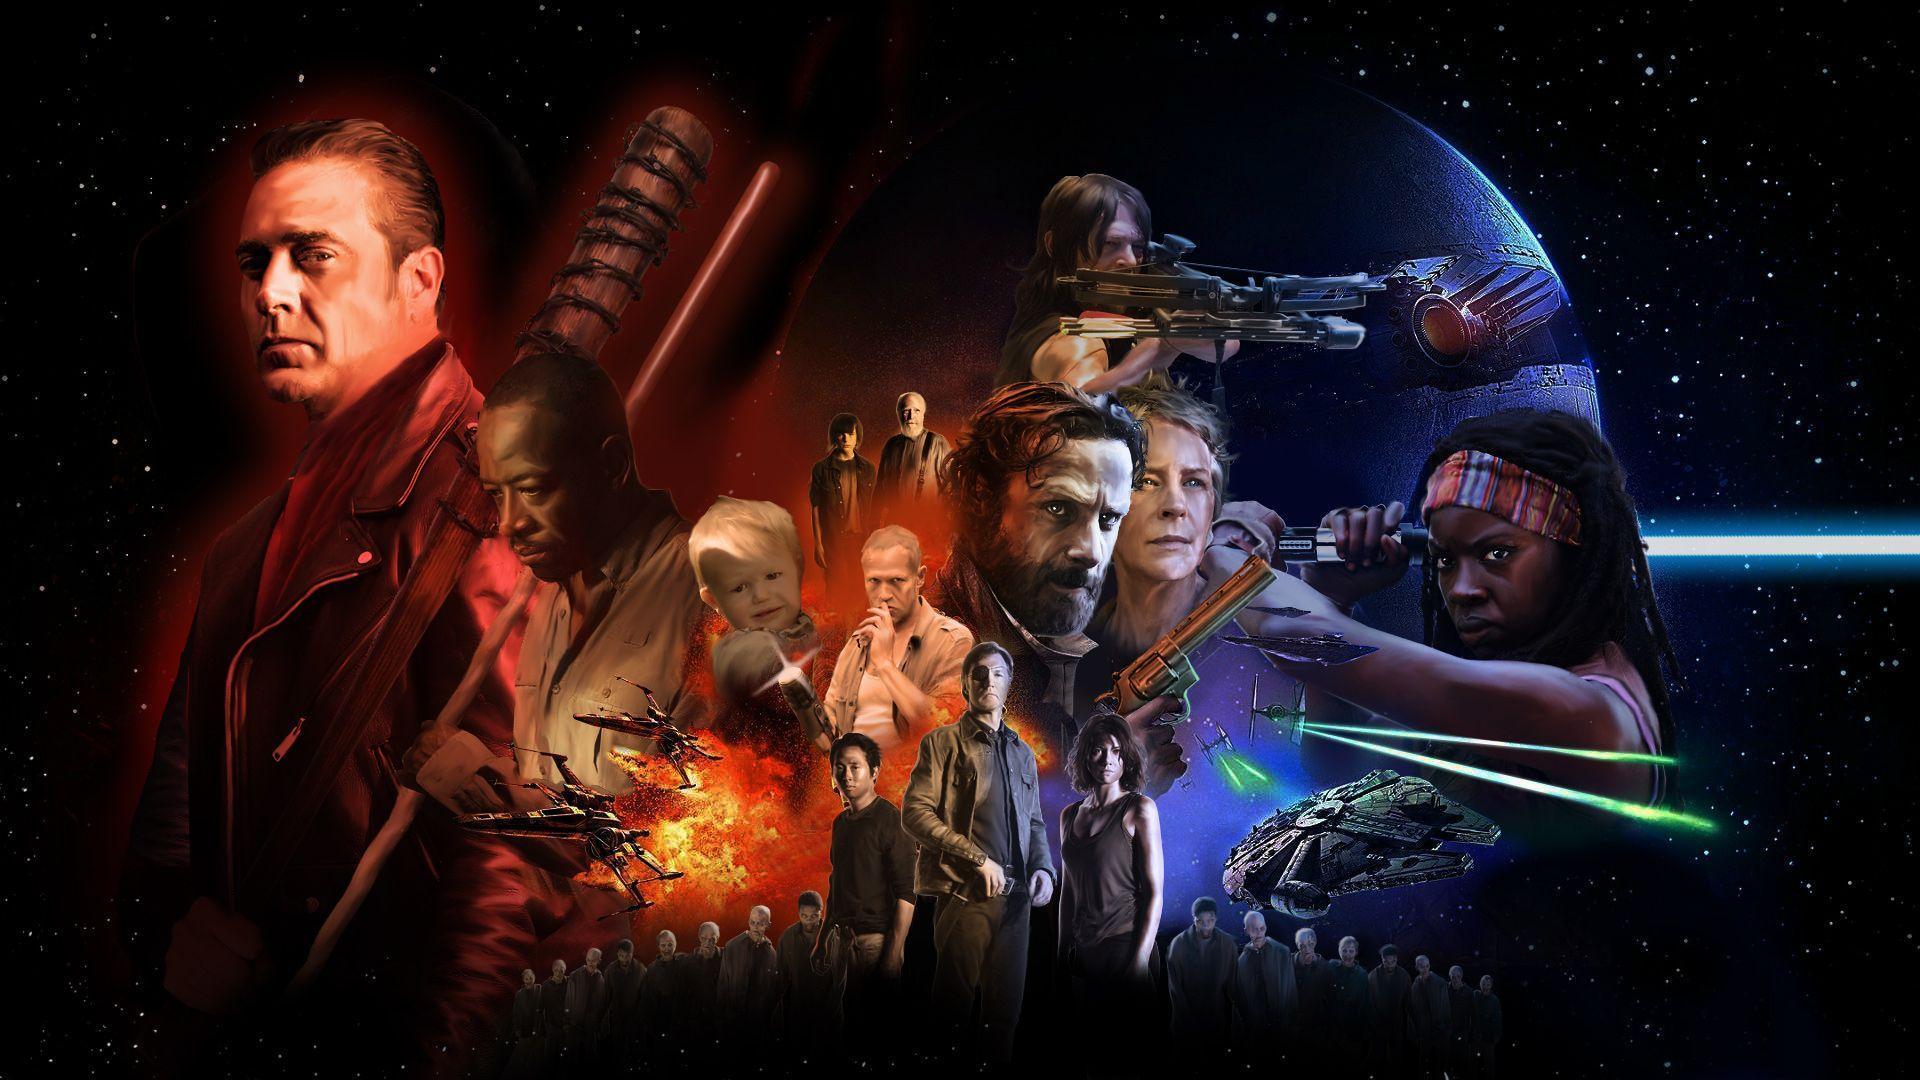 The Walking Dead Negan Wallpaper: The Walking Dead 7 Wallpapers